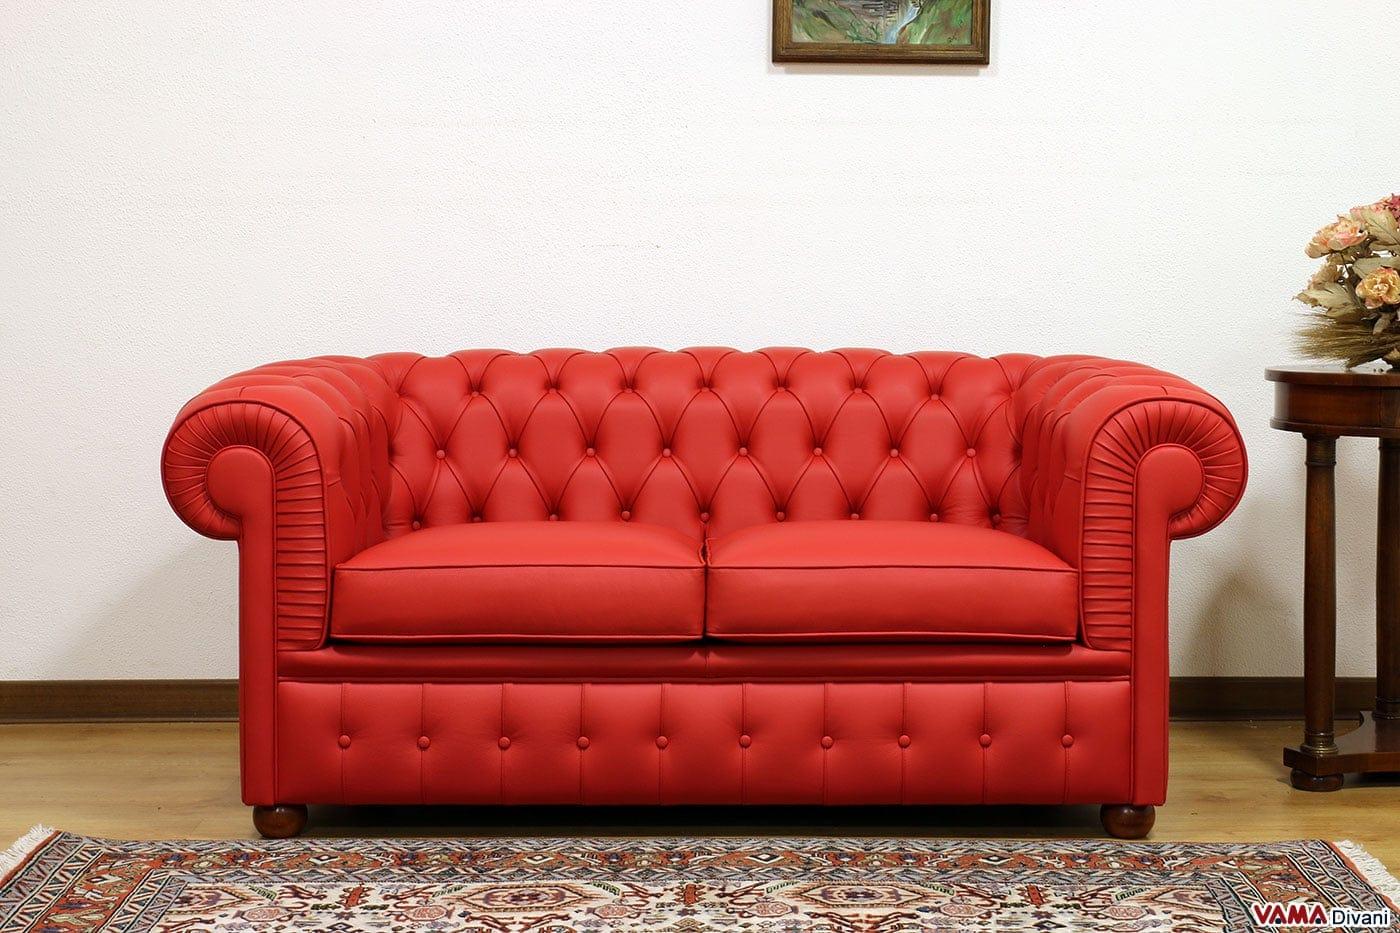 Divano chesterfield 2 posti prezzo rivestimenti e misure for Smart relax divano letto prezzo